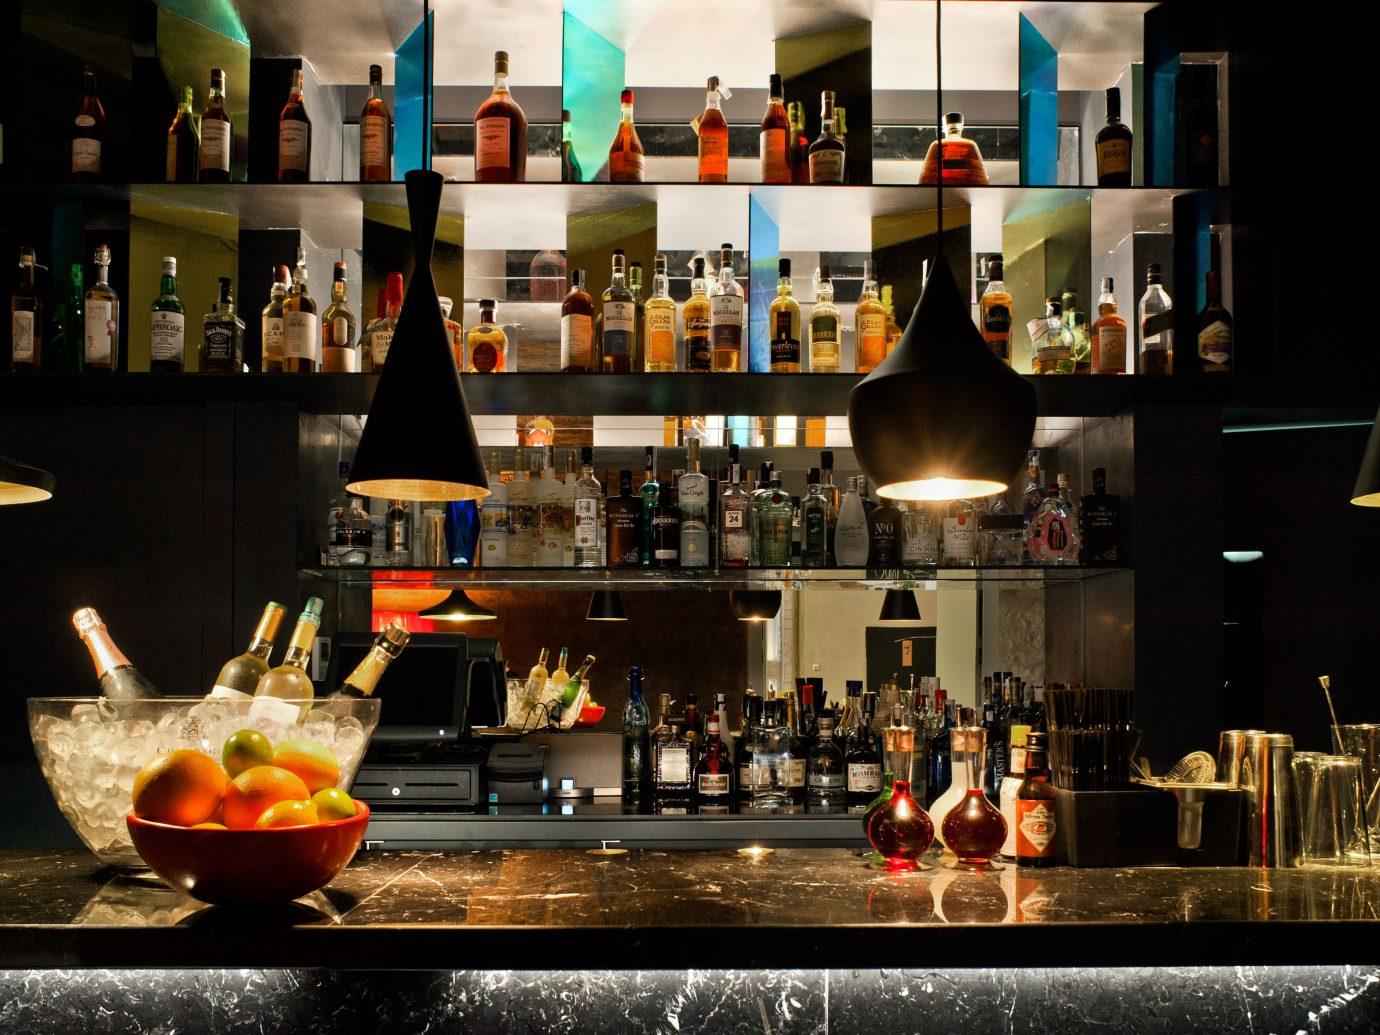 Bar Barcelona Boutique Boutique Hotels City Drink Hip Hotels Luxury Modern Nightlife Spain indoor counter restaurant distilled beverage several